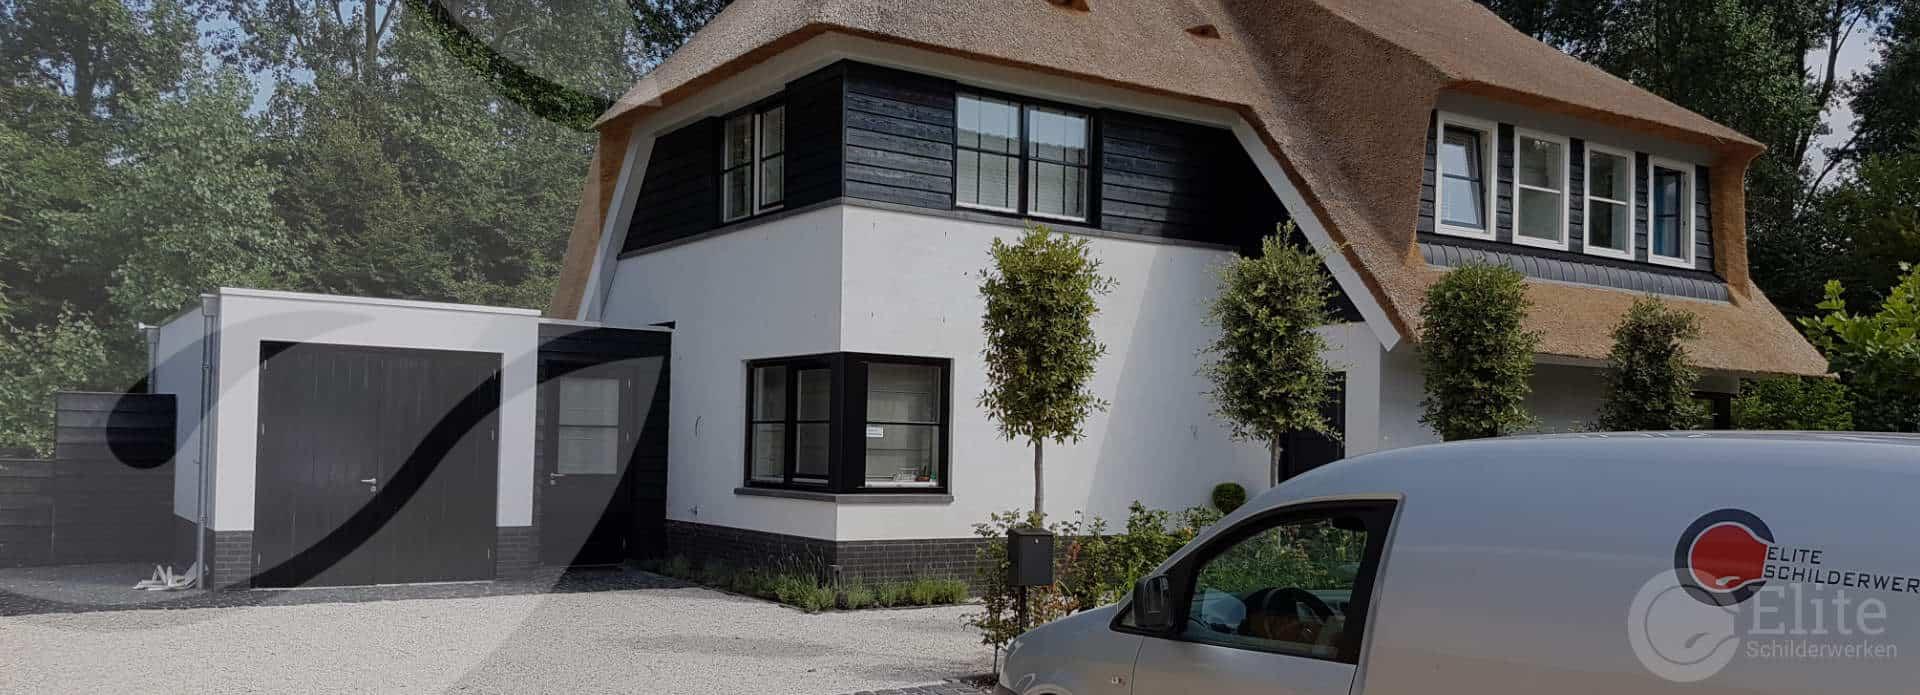 elite schilderwerken buitenschilderwerk villa almere